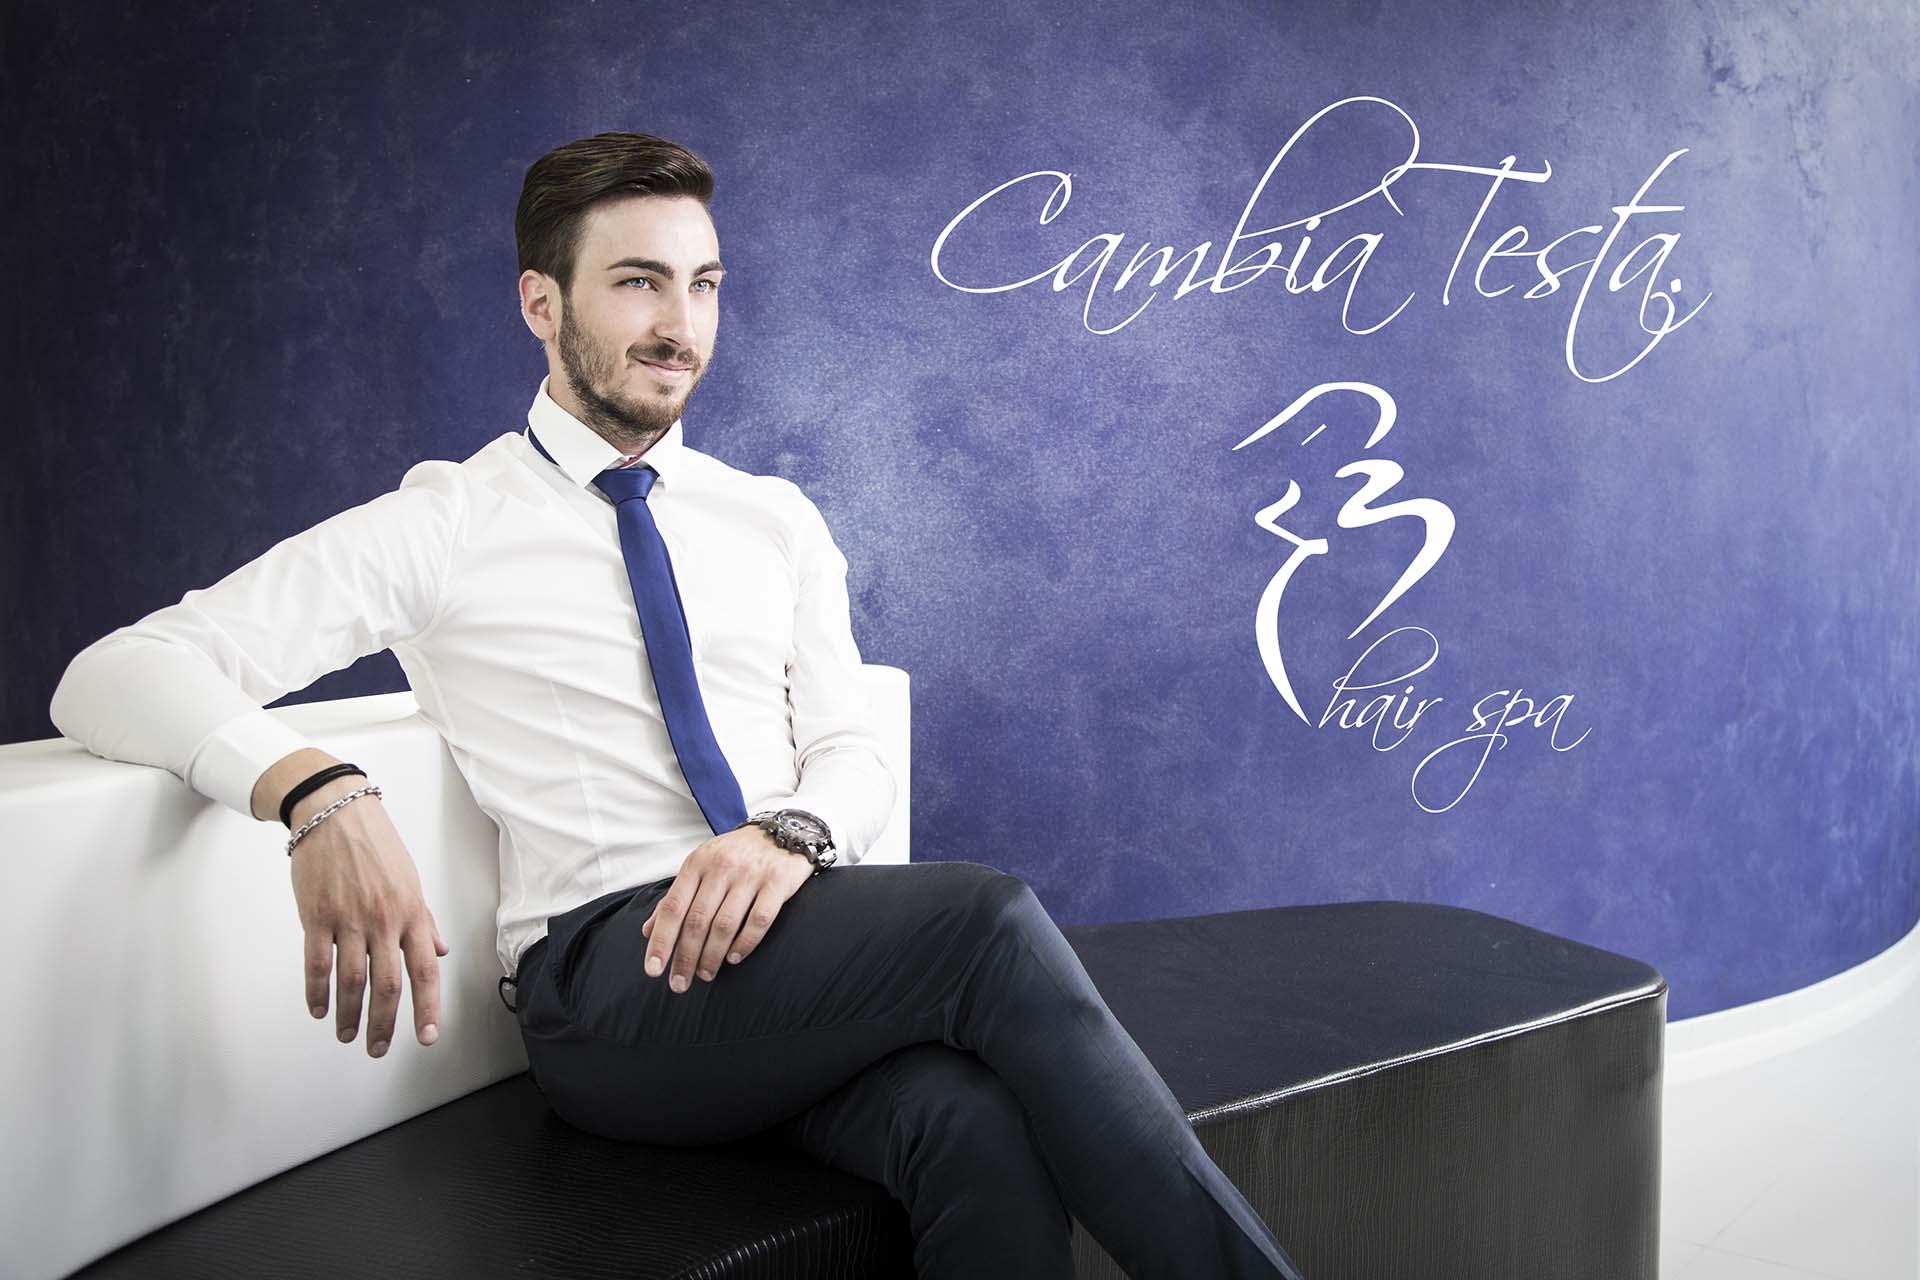 Manifesti, Locandine, Volantni, Pubblicità, Marketing, Grafica Fotografia Campobasso